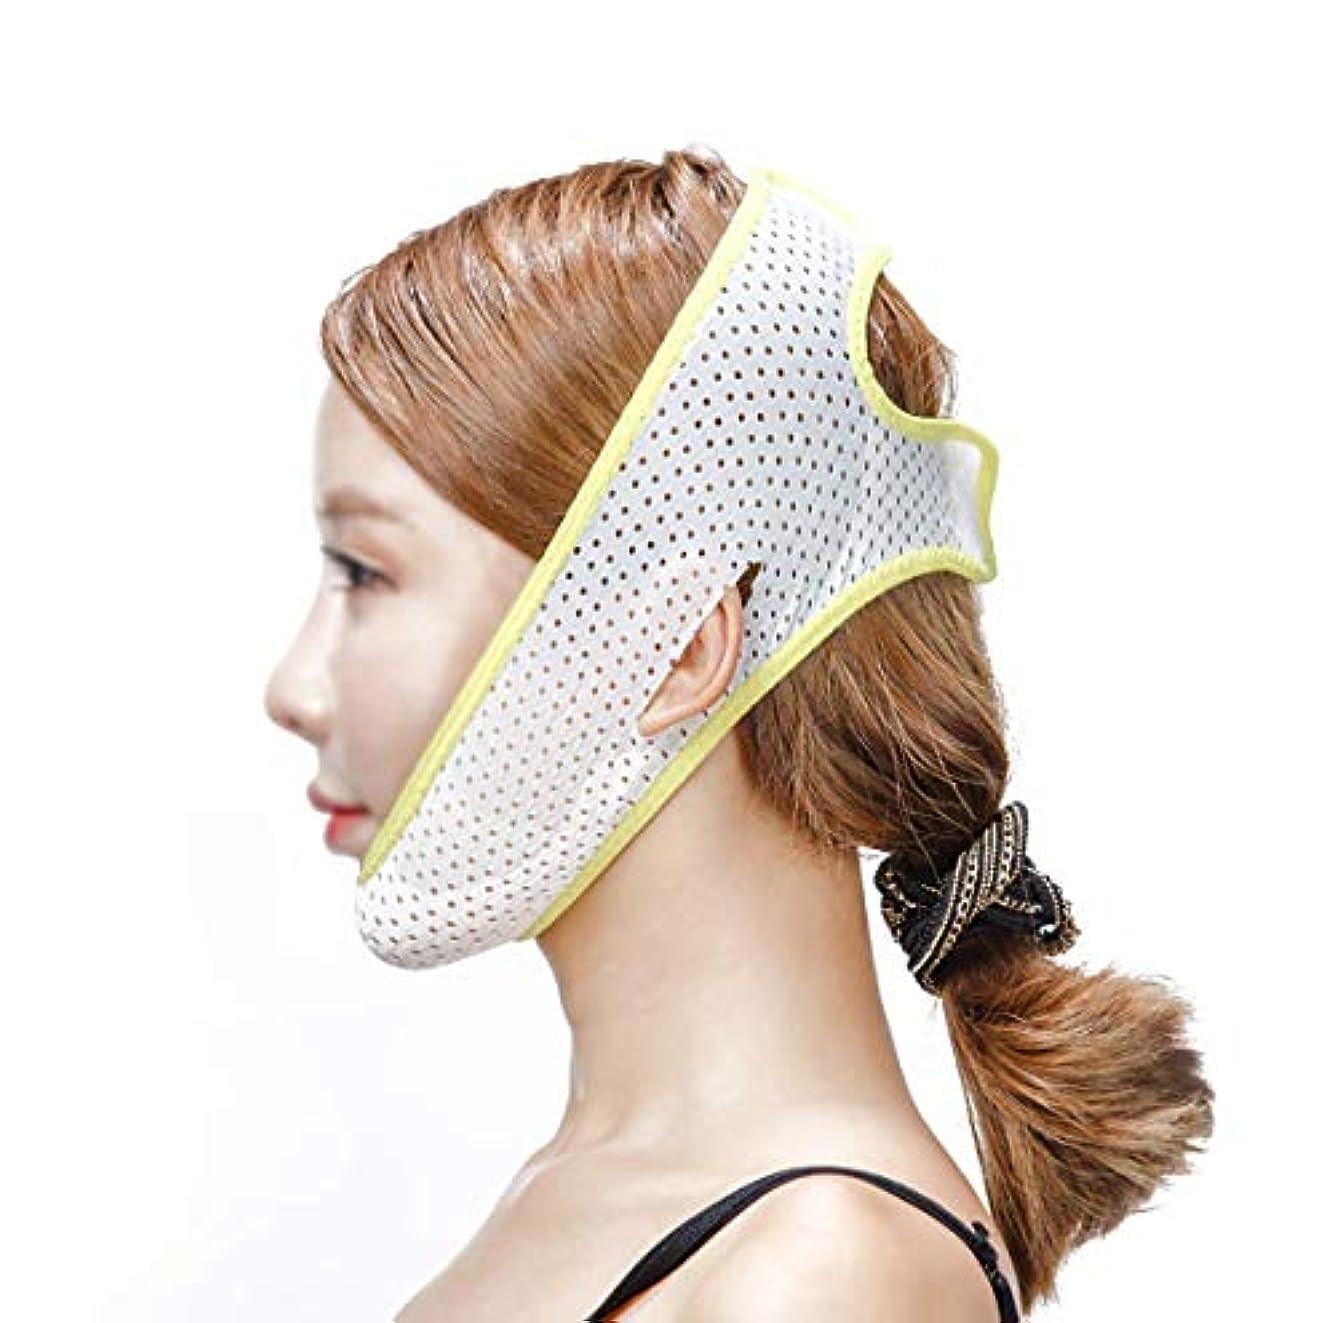 下向きギャングスター豊富なフェイスリフトマスク、あごストラップリカバリ包帯睡眠薄いフェイスバンデージ薄いフェイスマスクフェイスリフトアーティファクトフェイスリフト美容マスク包帯で小さなV顔を強化(色:黄色と白)